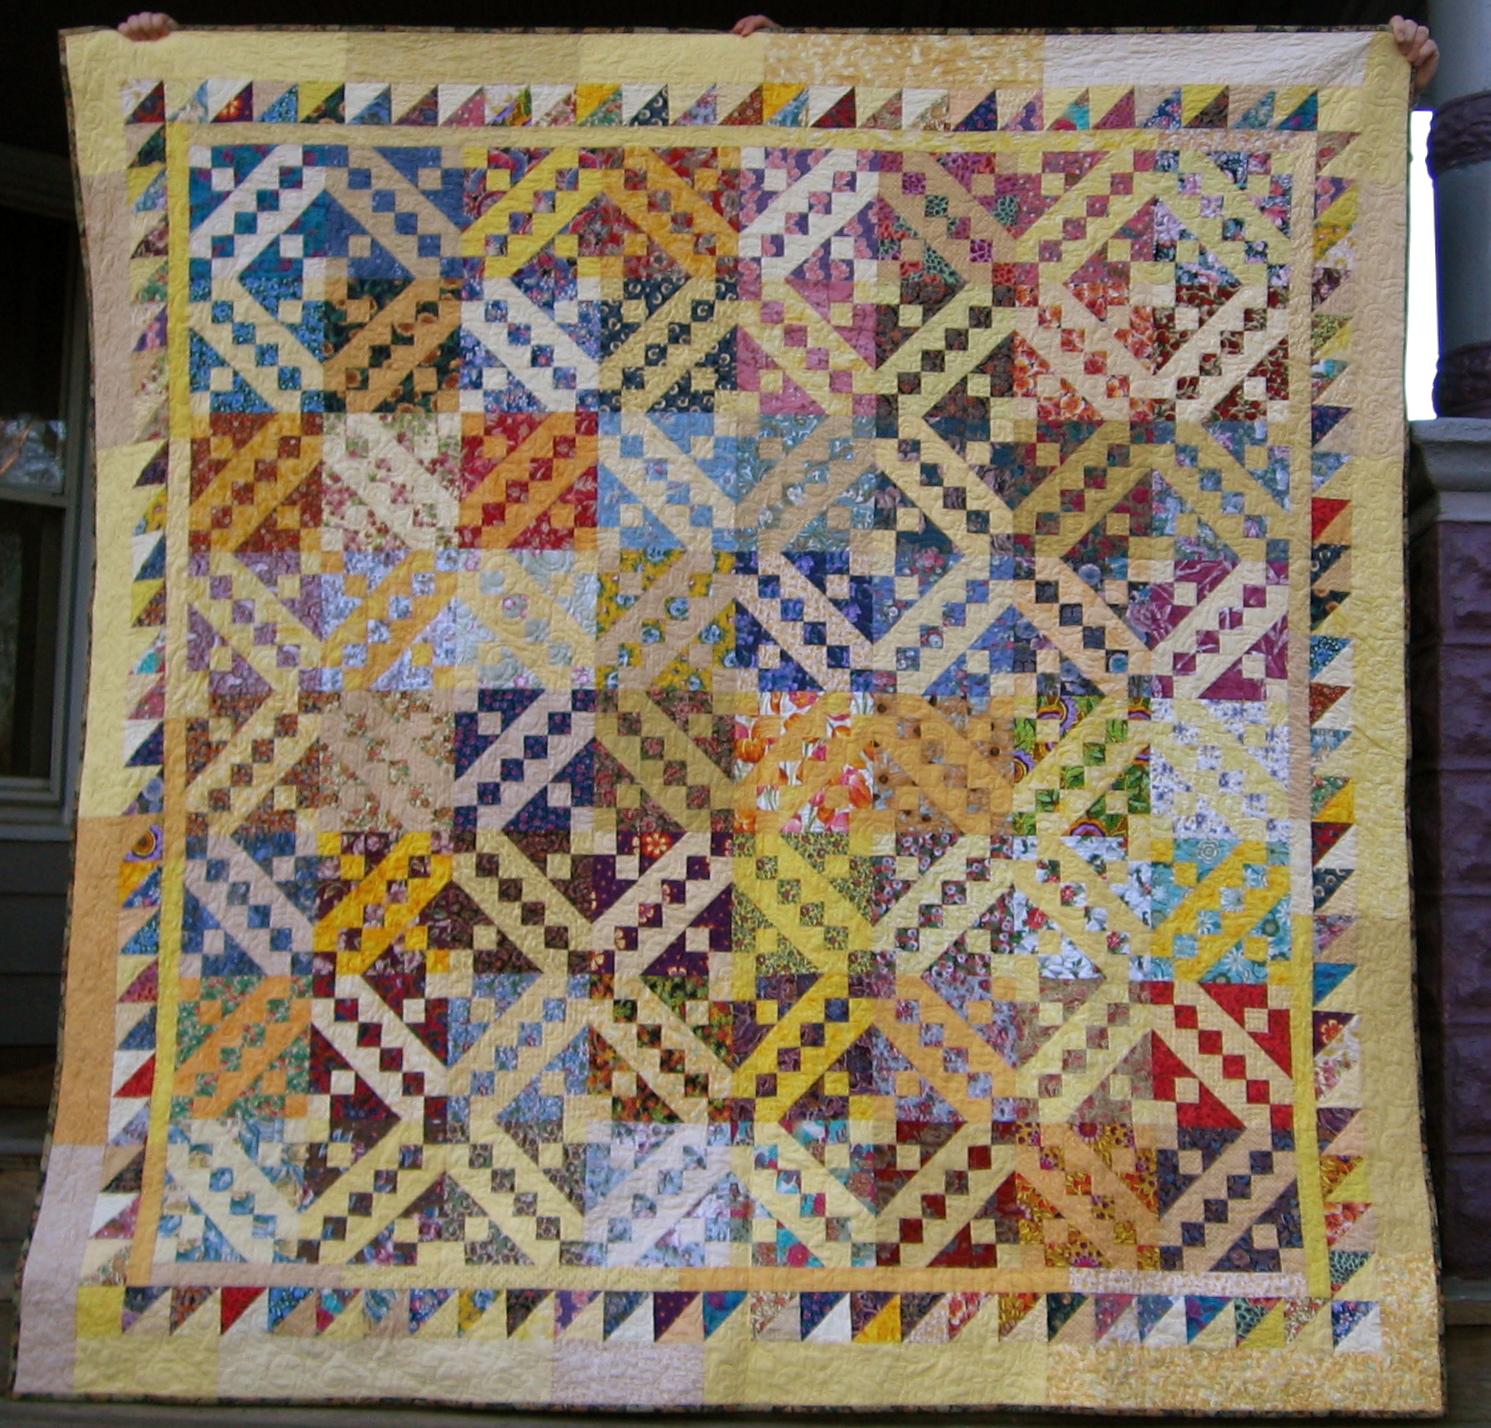 klein meisje quilts: a quilt!! Jacob's Ladder : jacobs ladder quilt - Adamdwight.com